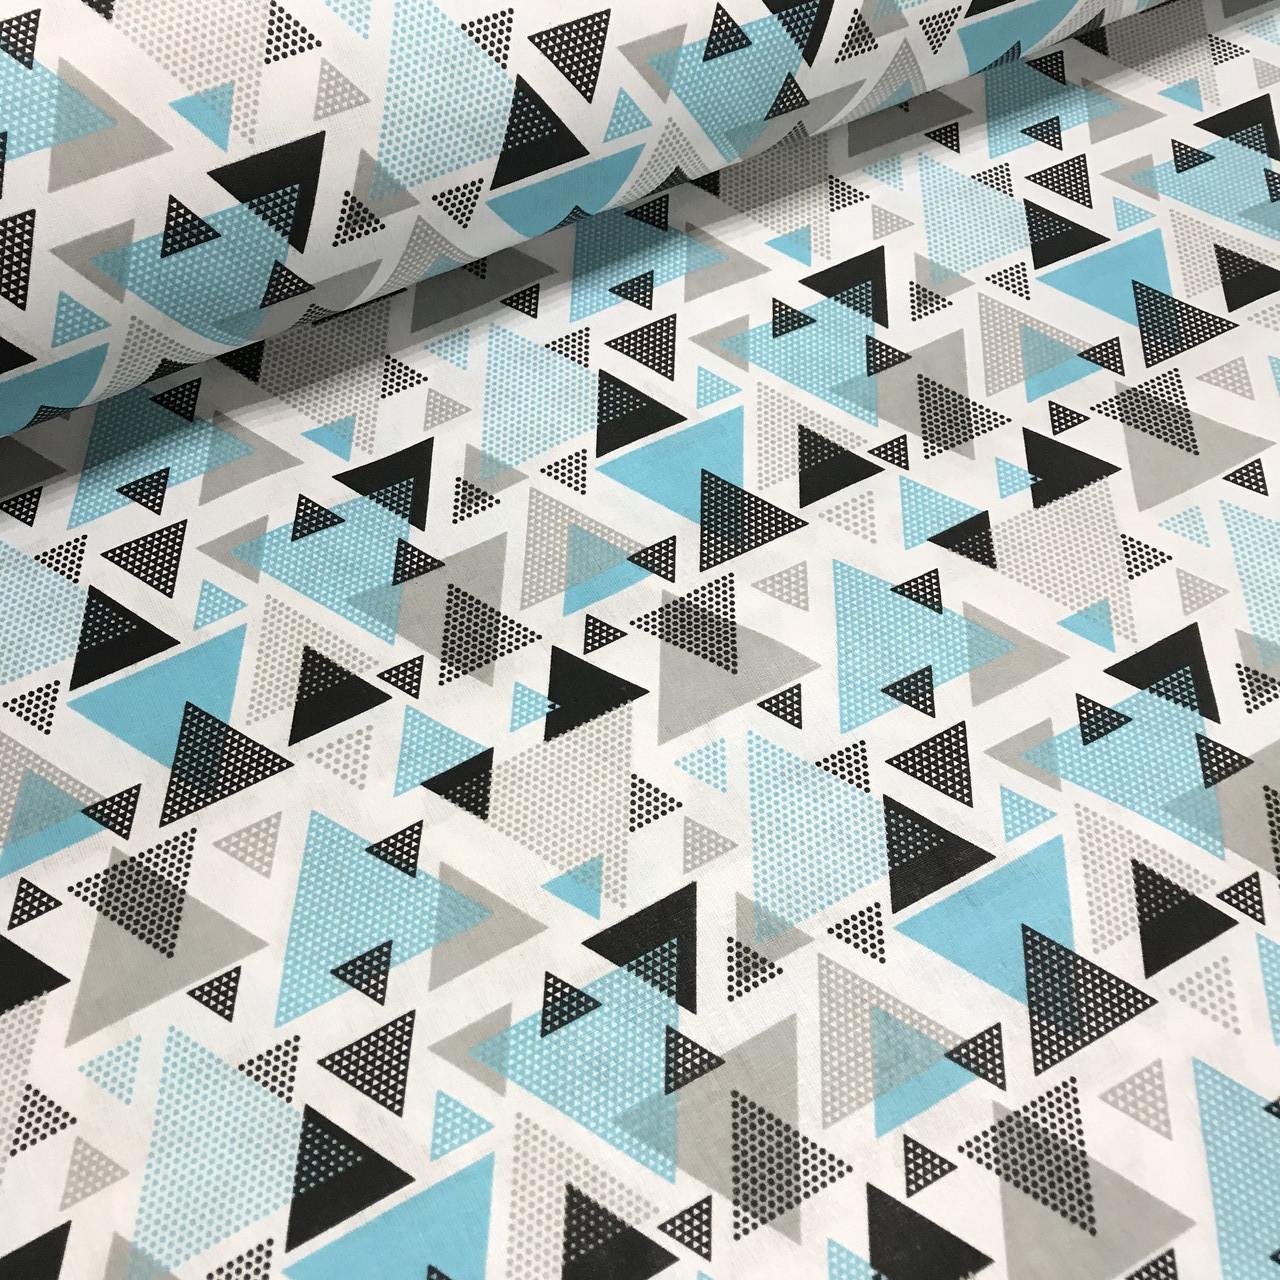 Хлопковая ткань польская треугольники серо-бирюзовые из геометрических фигур